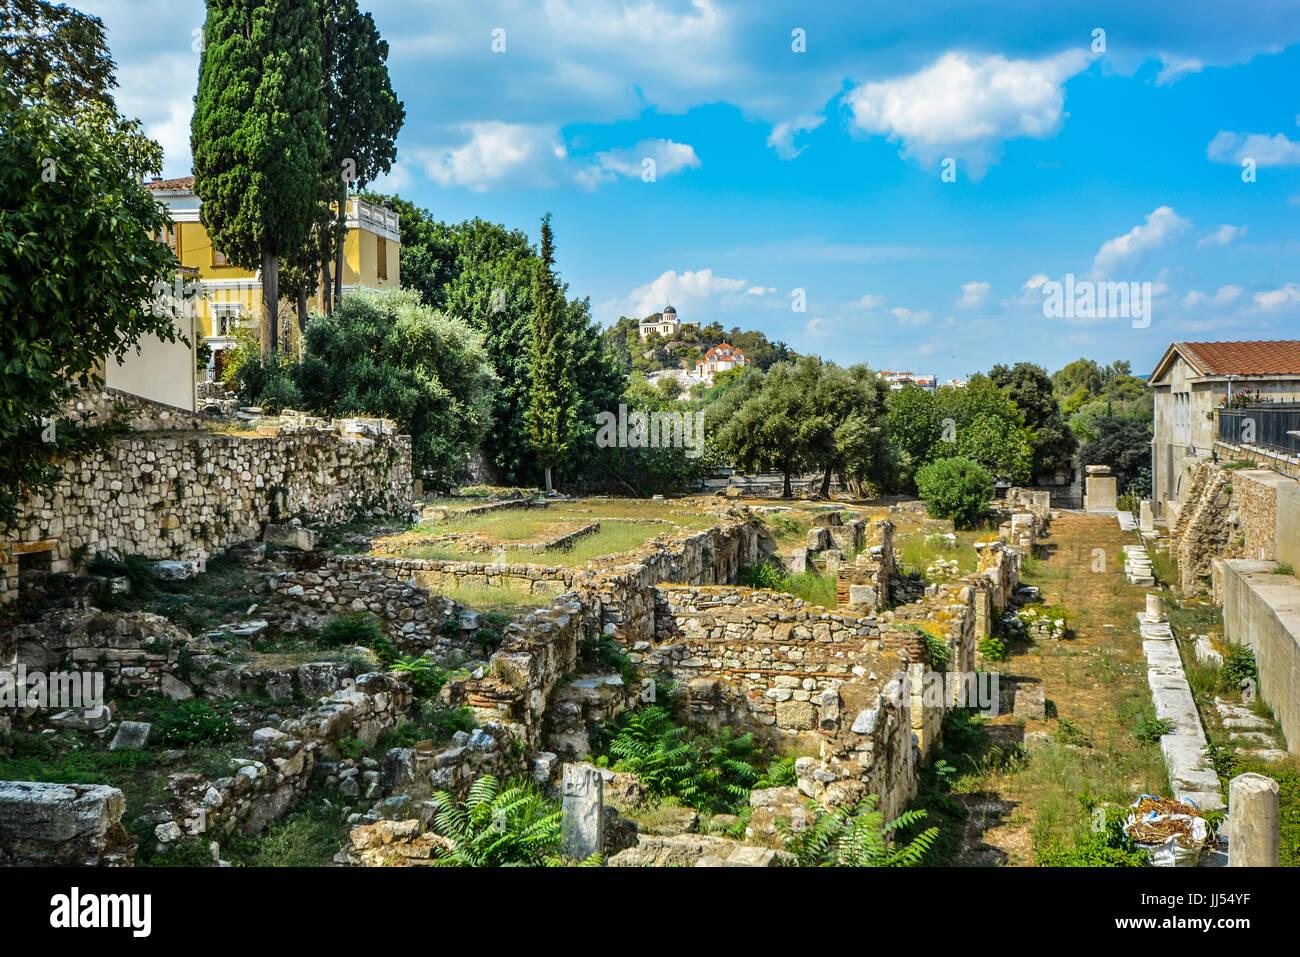 Antike griechische Ruinen in Athen mit einer Kirche und Tempel auf einem Hügel in der Ferne an einem warmen Stockbild